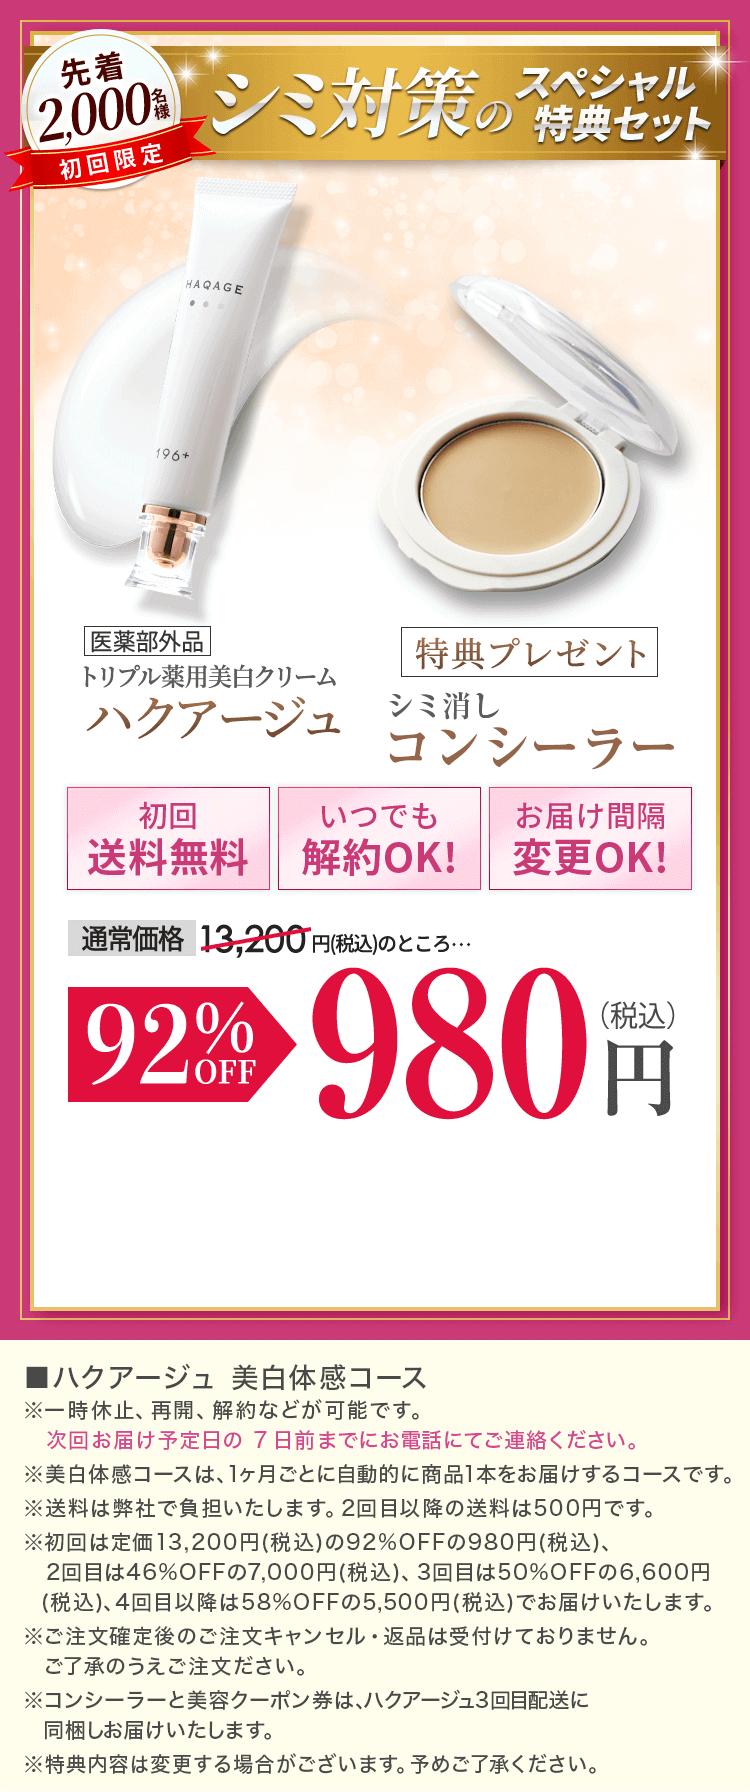 美白体感コース 9大特典付き 92%OFF980円